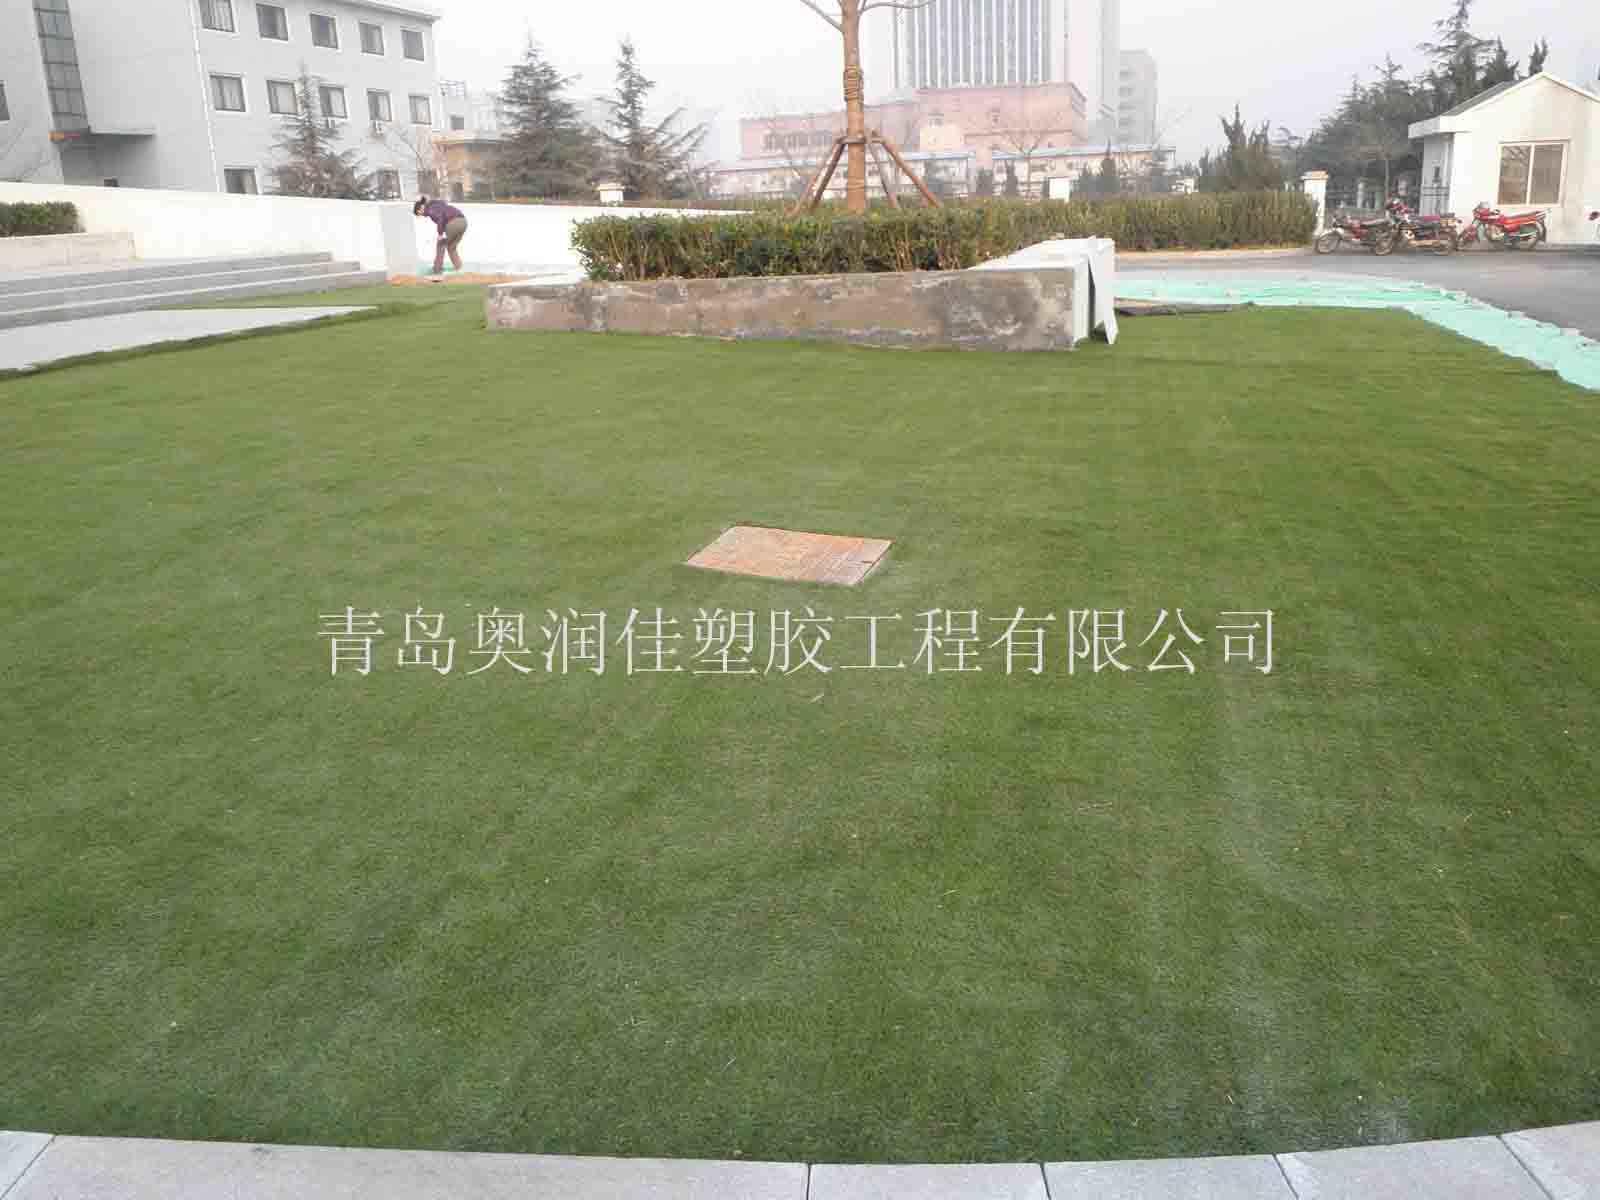 青岛奥润佳塑胶工程有限公司(申经理13306393552)主要产品有运动草坪和休闲草坪,国产主要是采用台湾合资的草纤维、进口的全部采用享誉世界,品质优异的荷兰草纤维,充分保证产品品质的优异和稳定。奥润佳人造草在抗紫外线、抗老化、耐磨损、安全环保、运动特性等主要指标方面都优于同类产品。 公司先后通过了ISO9001质量管理体系和ISO14001国际环保体系认证。公司生产的优质人造草坪,被广泛应用于建设各类学校和体育场馆的田径场、足球场、网球场、篮球场及其它多种频繁使用的运动场地,创造安全、舒适、环保的运动场